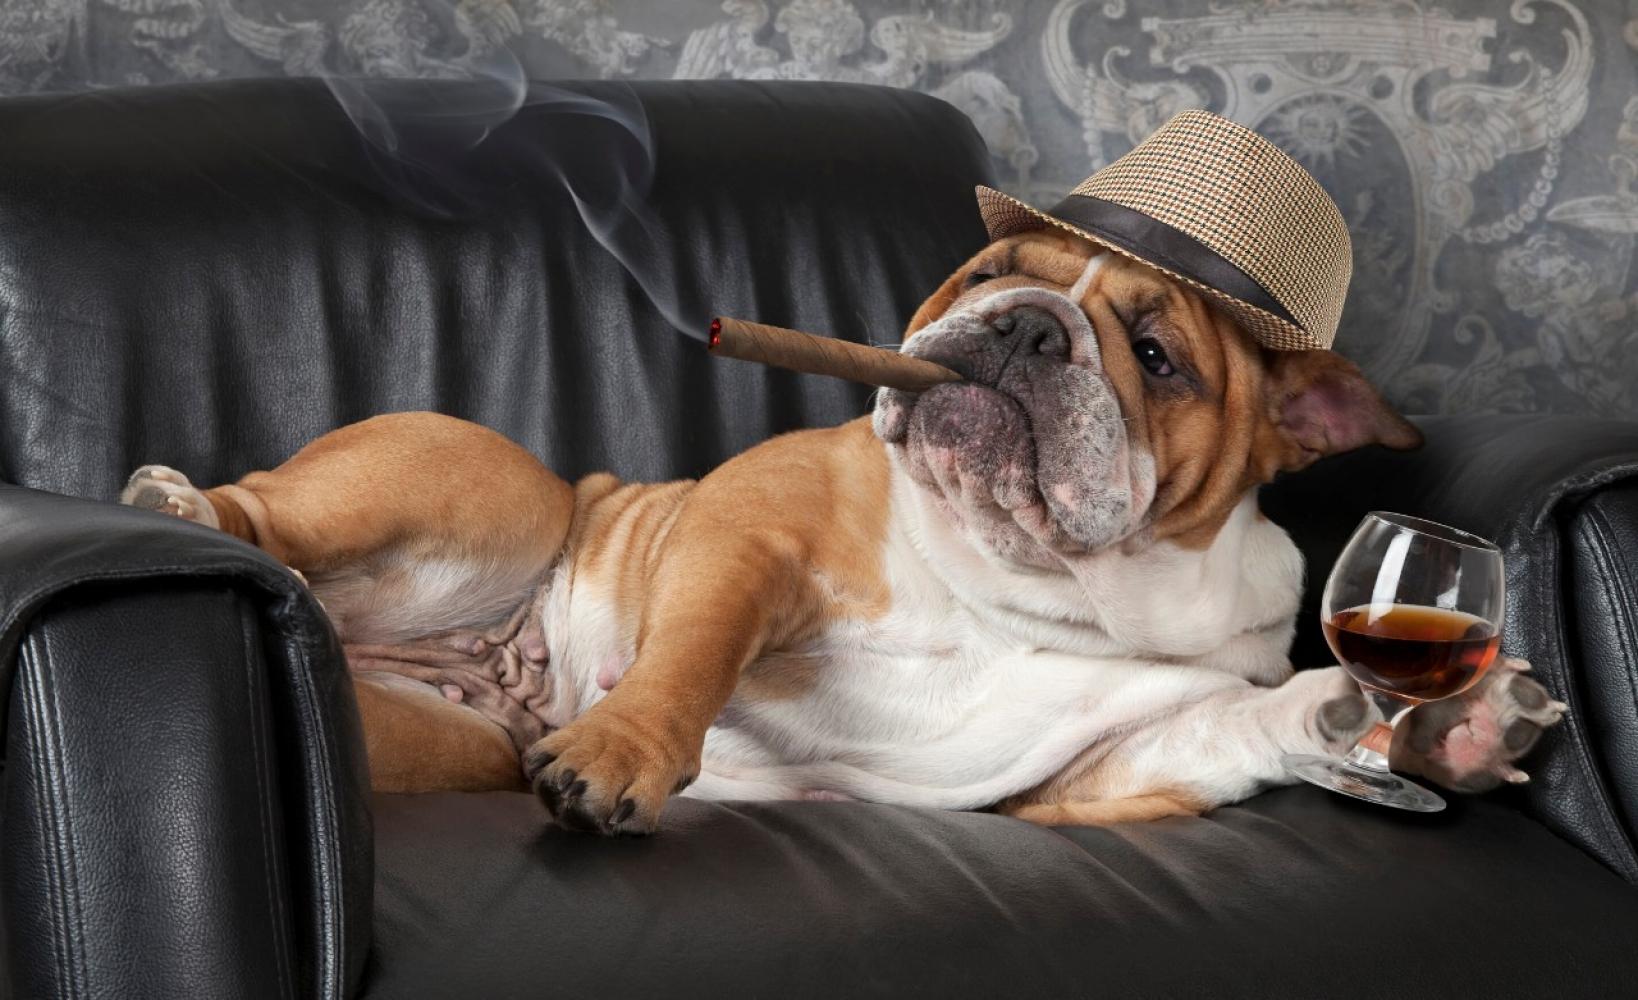 Langer zelfstandig thuis wonen sta vaker op uit uw luie for Luie stoel